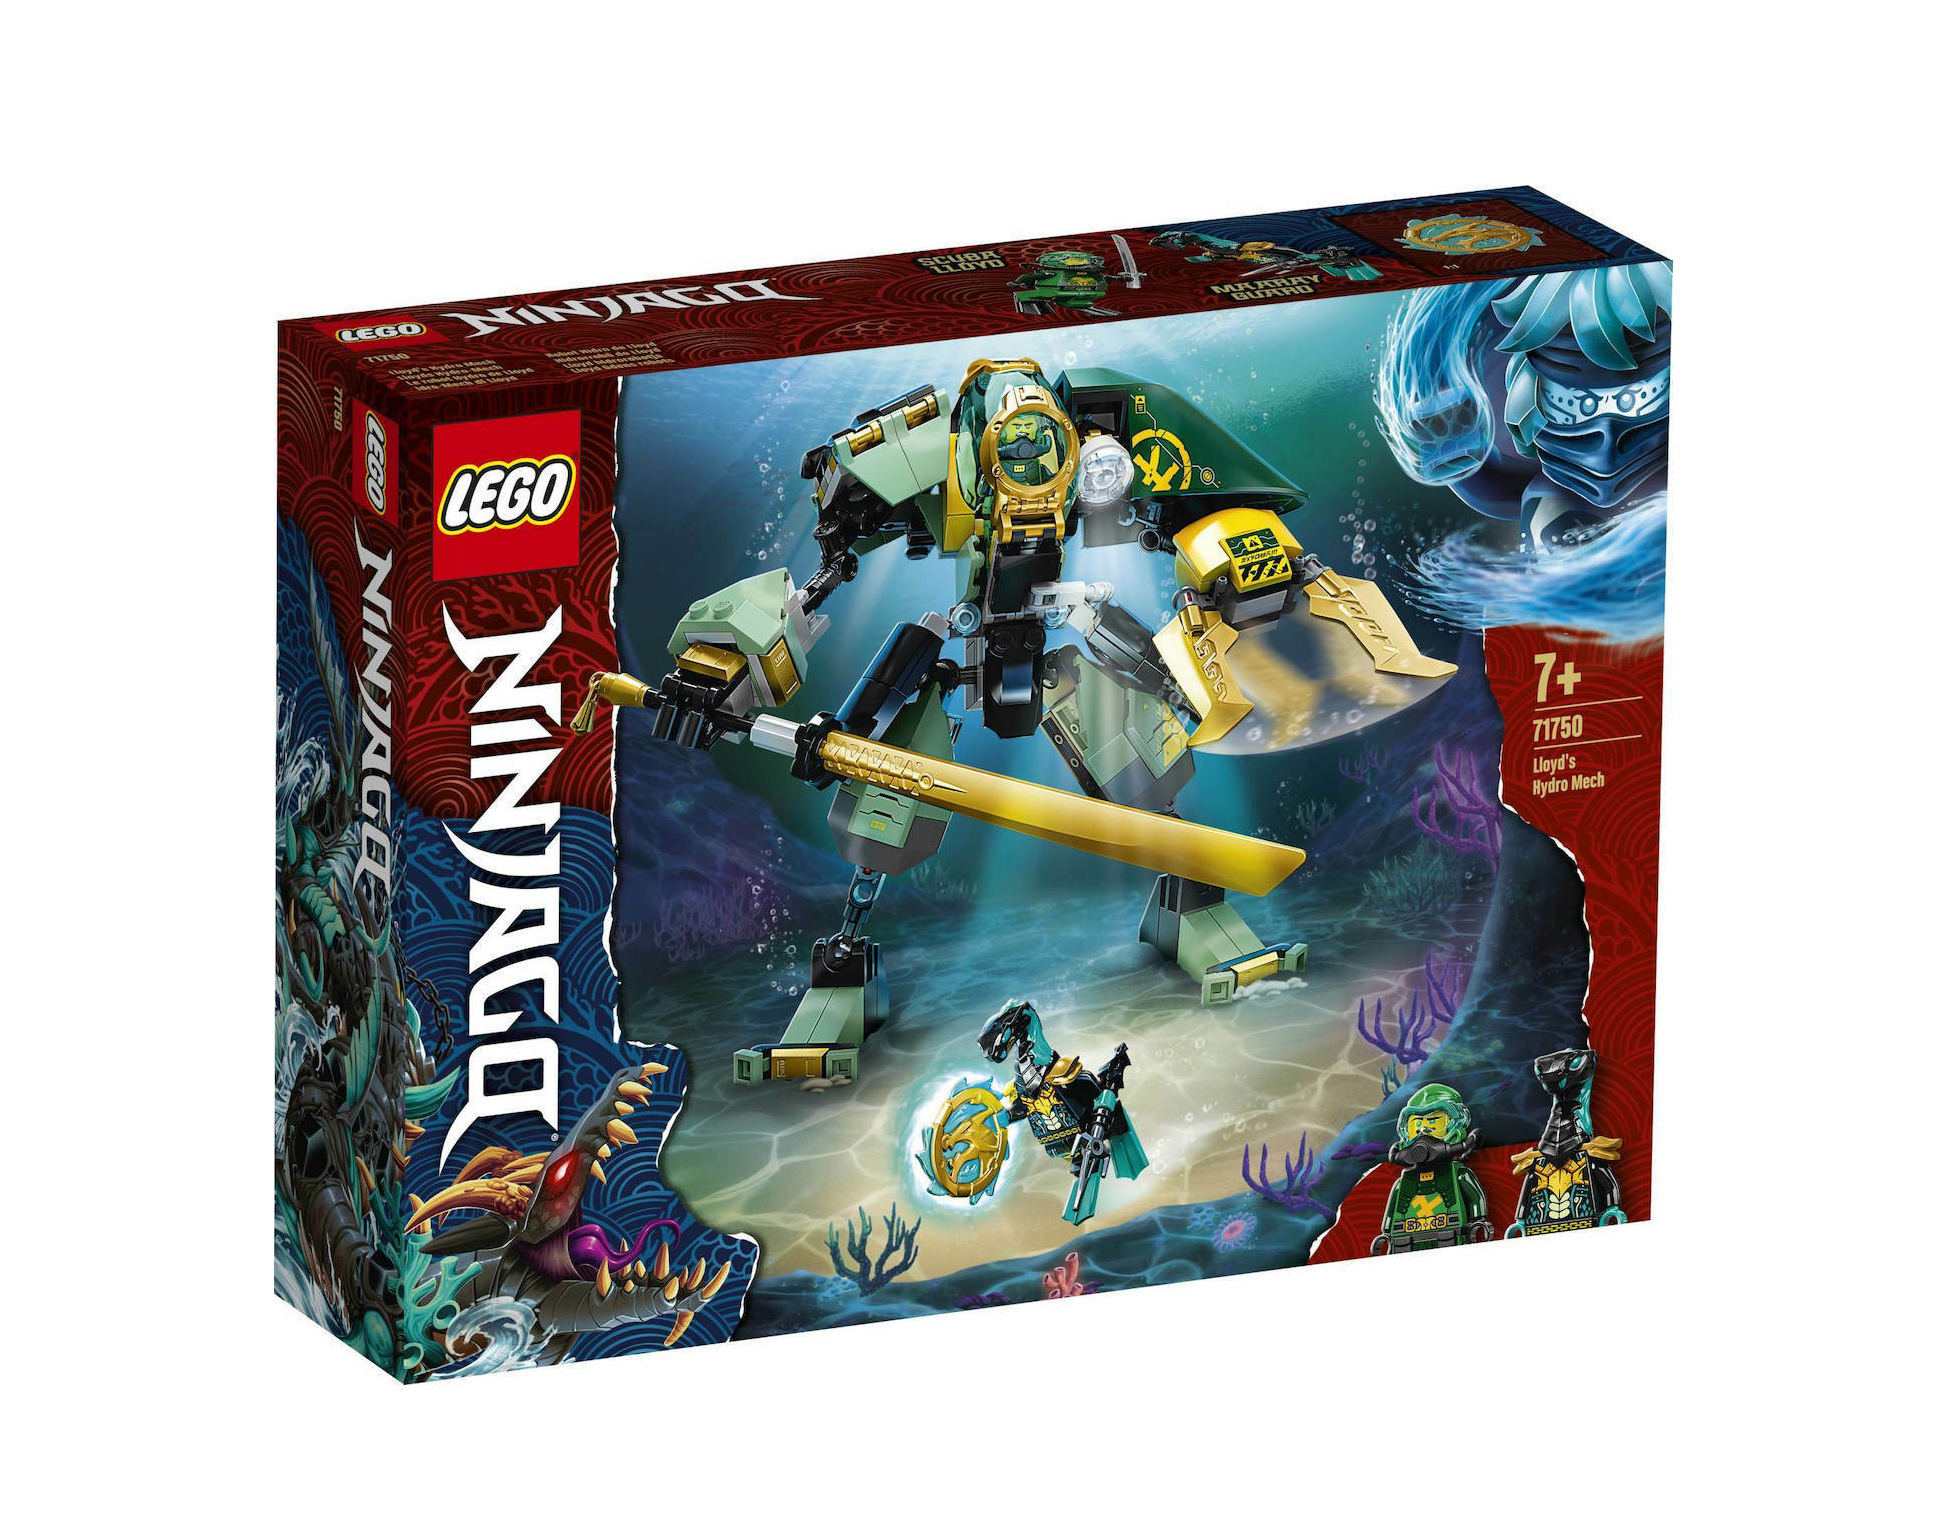 Lego Ninjago: Lloyd's Hydro Mech 71750